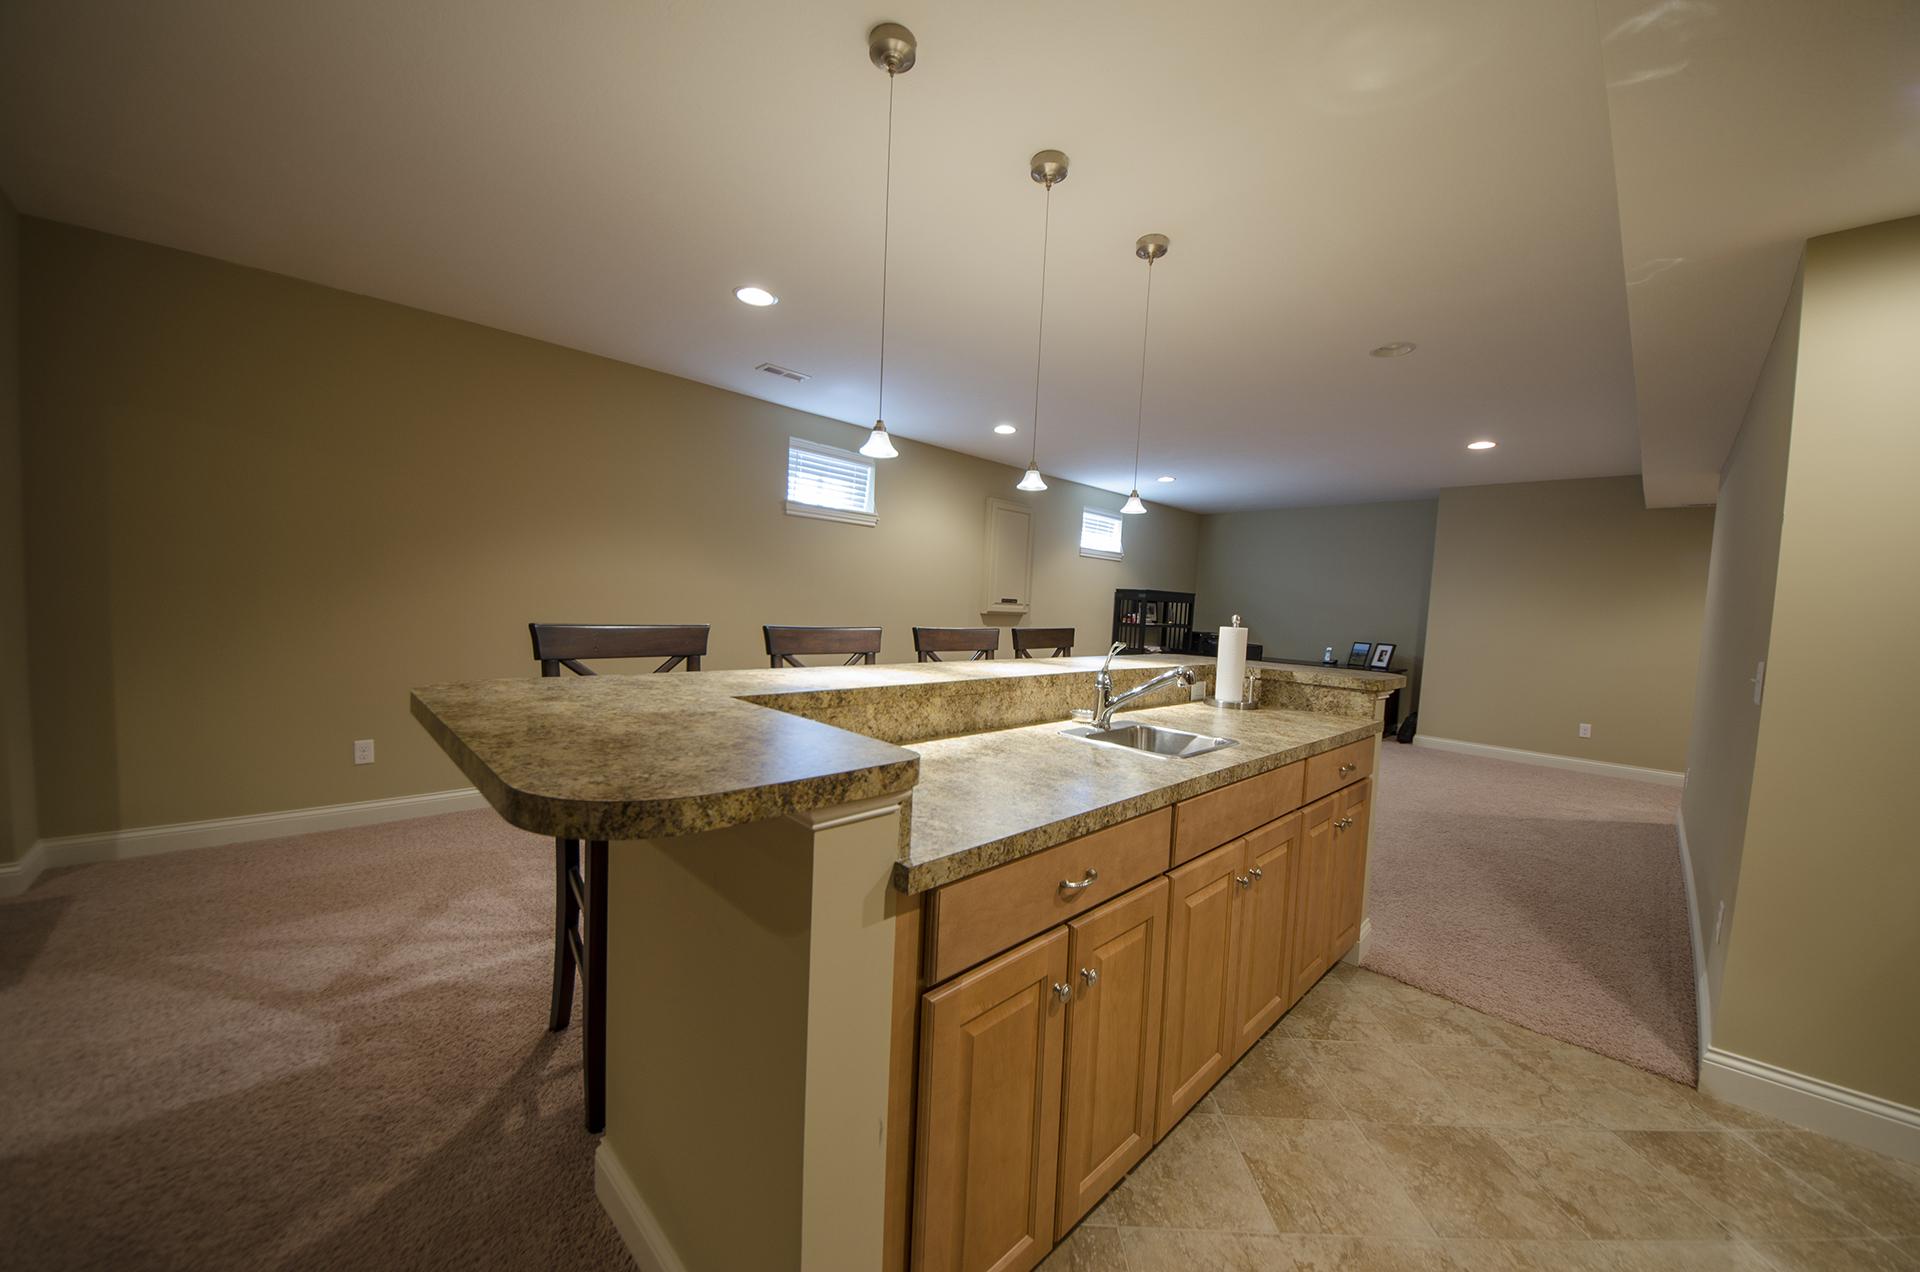 1422 Lemans Blvd. | Centerville, Ohio - Design Homes